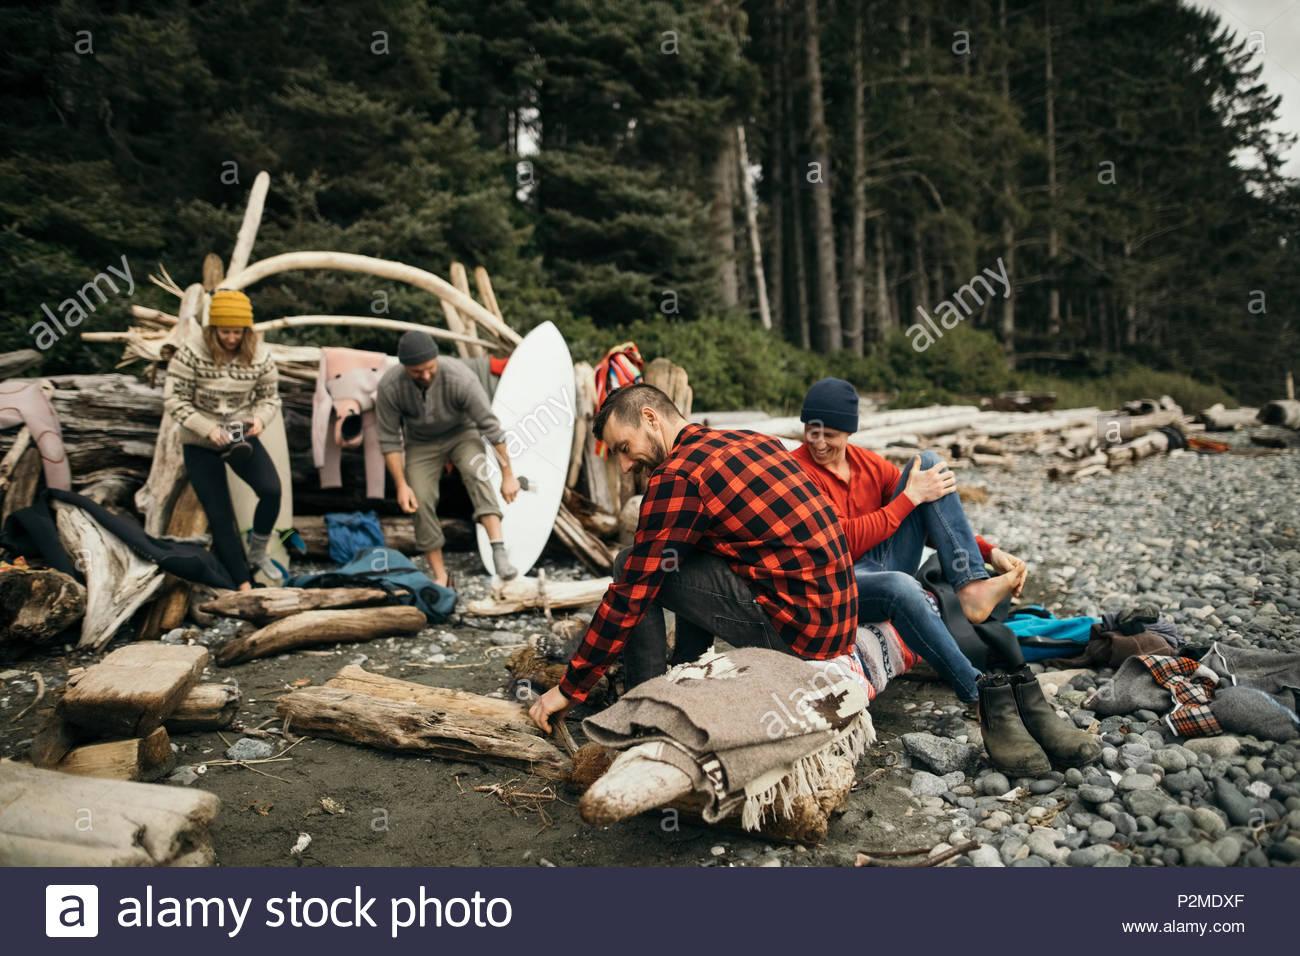 Bénéficiant d'amis week-end en amoureux, le surf détente au camping sur une plage Photo Stock